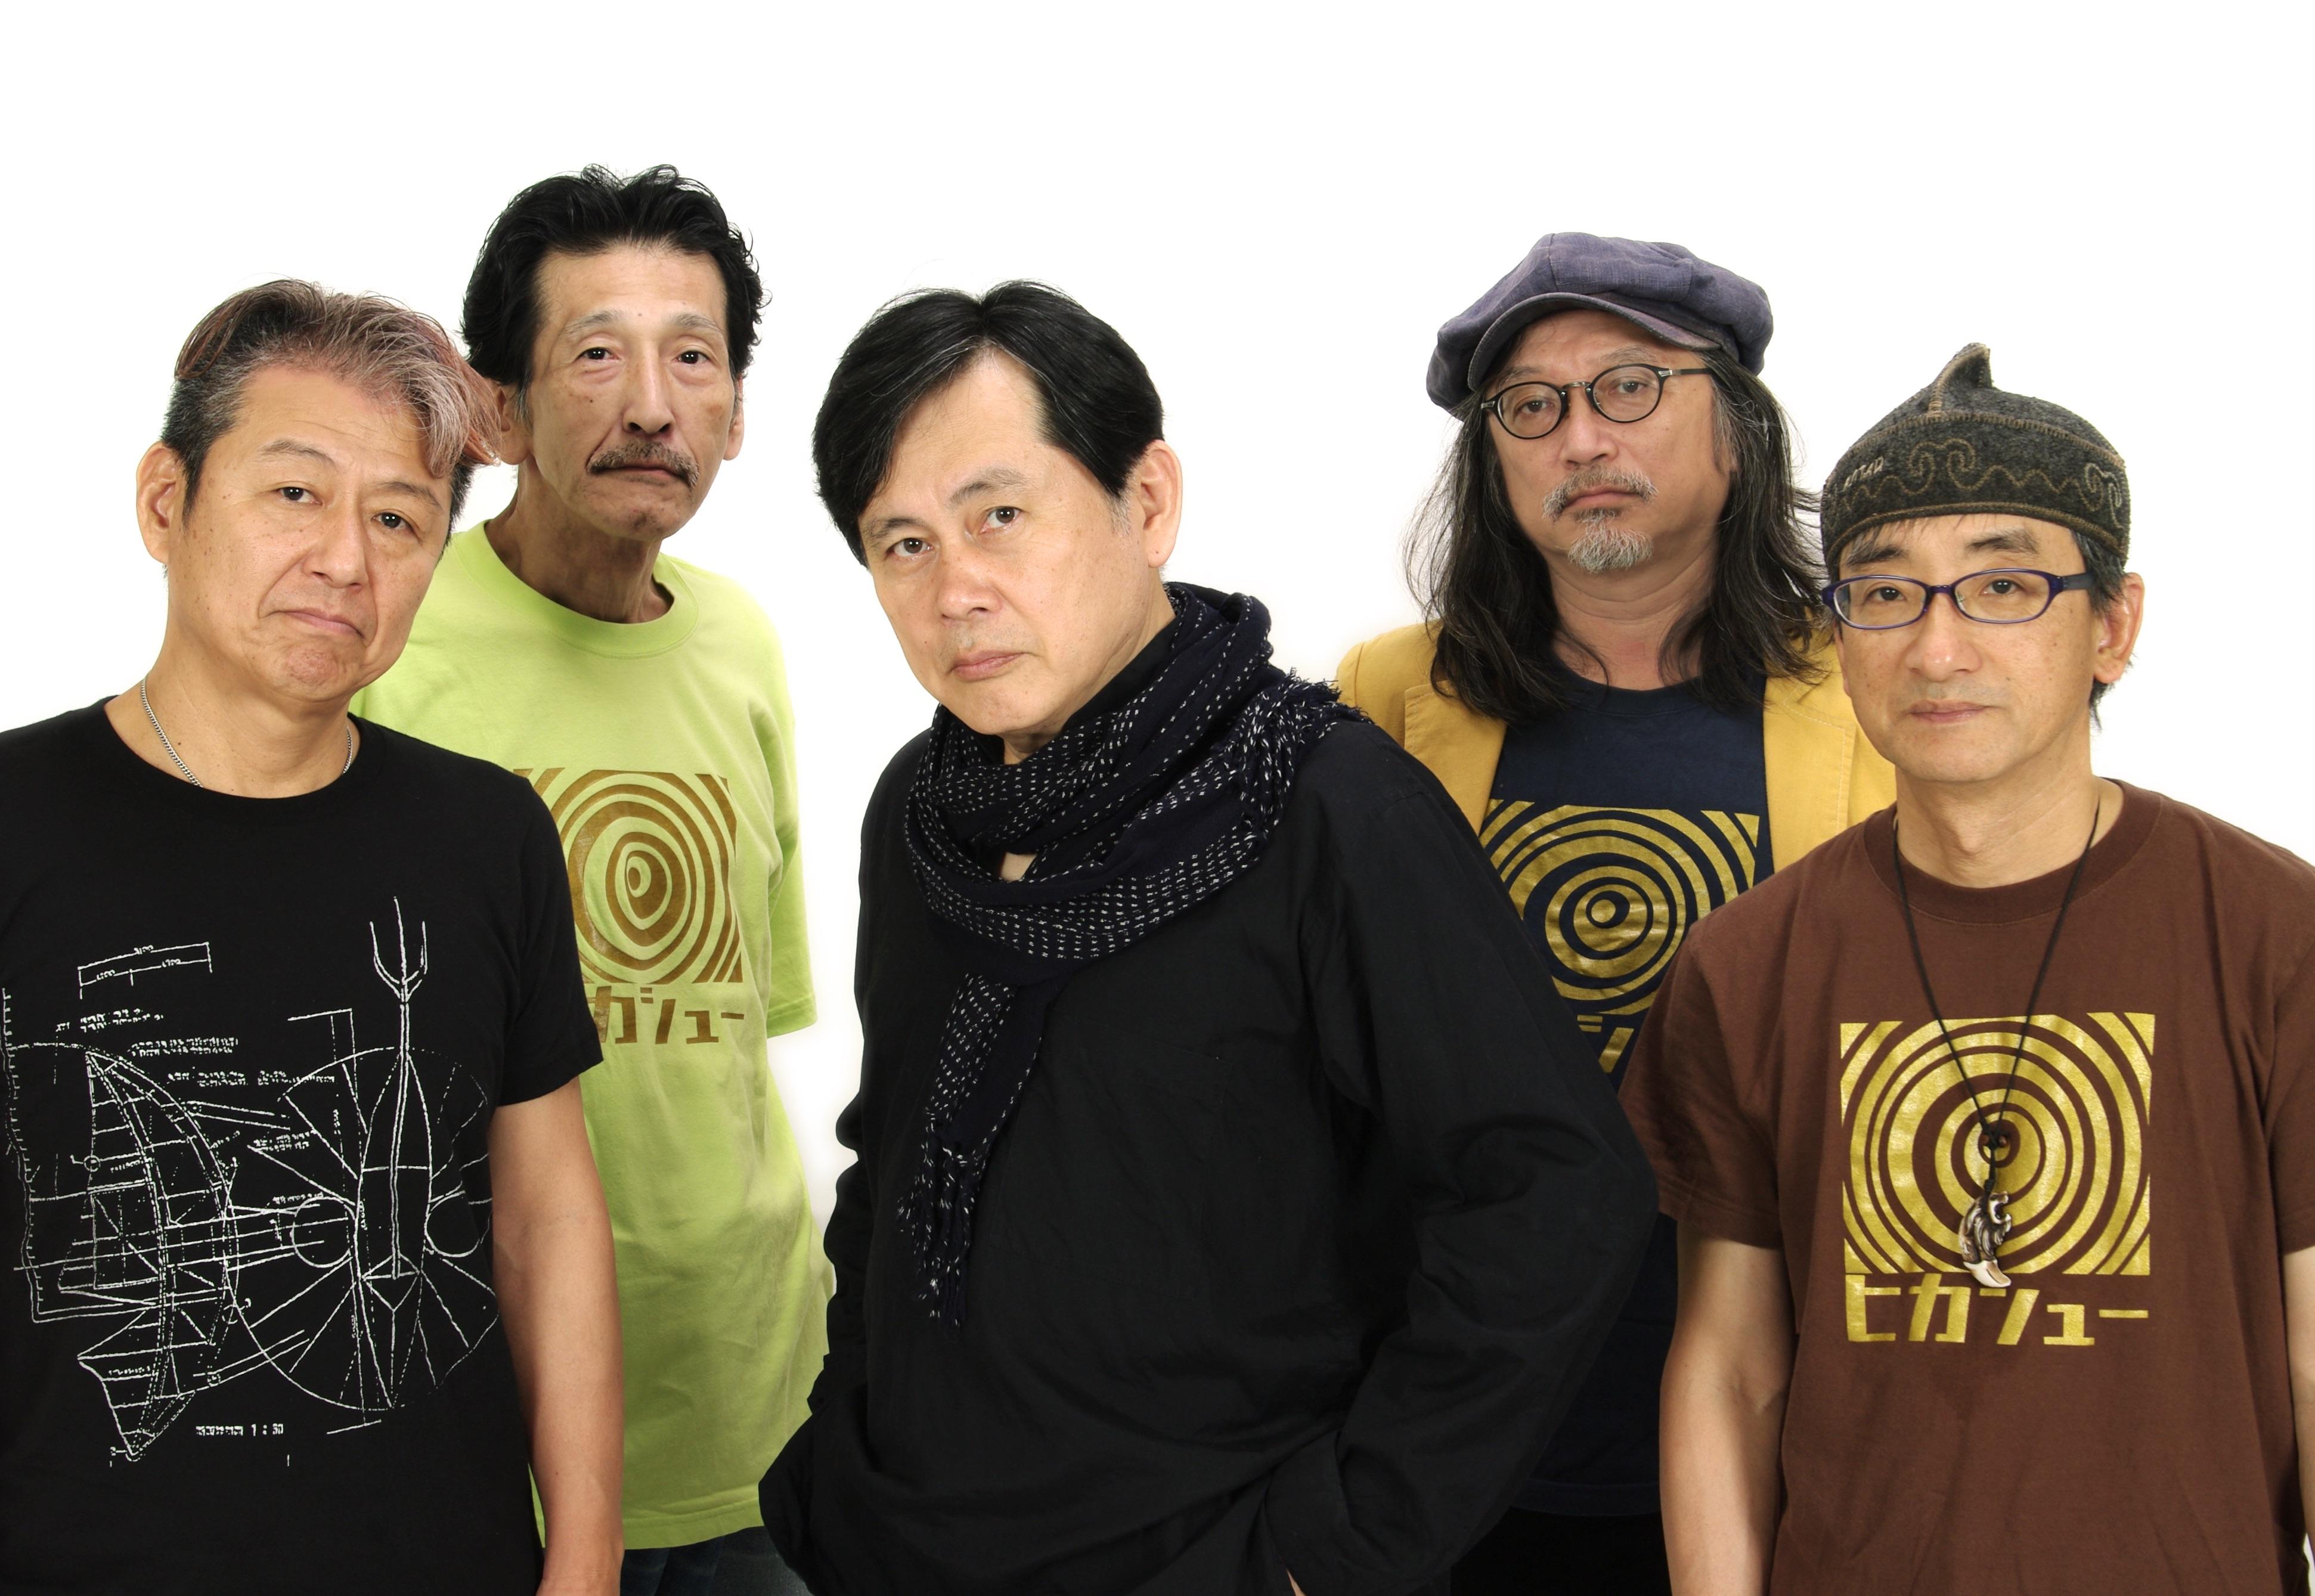 ヒカシュー40th Anniversary[マンスリーヒカシュー 1月編 〜巻上公一誕生祭〜]